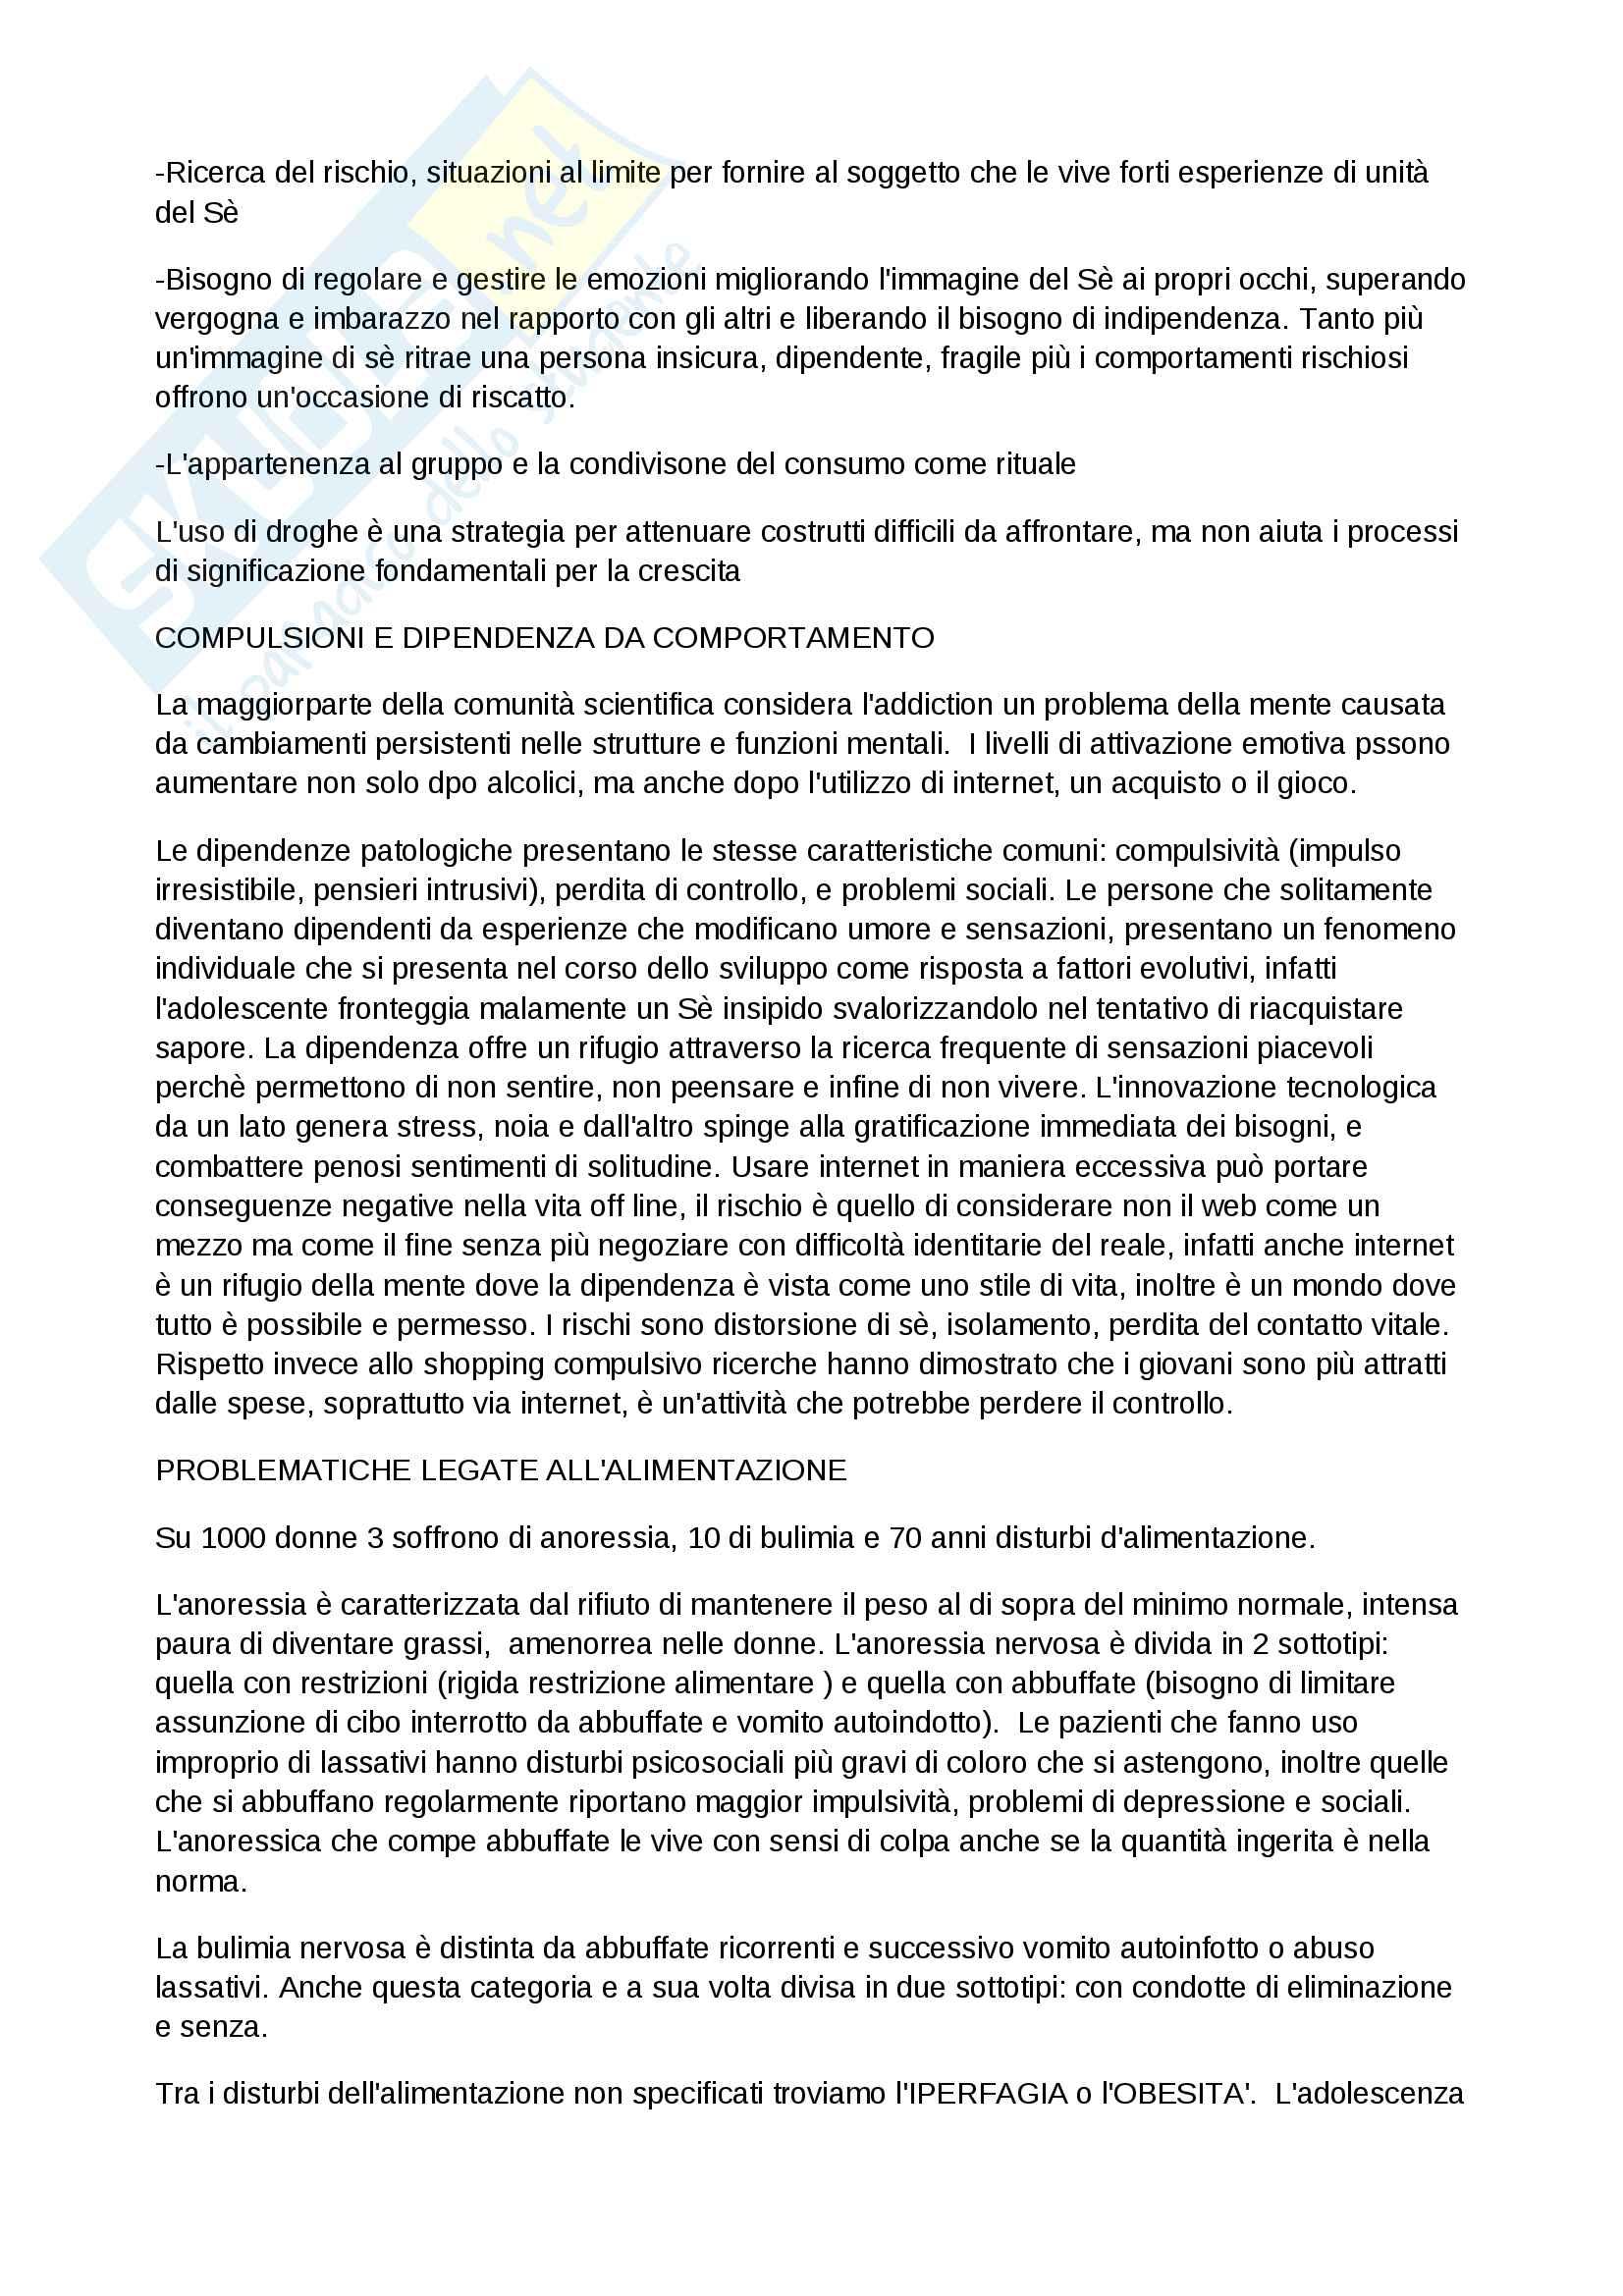 Riassunto esame Psicologia Clinica, docente Perlini, libro consigliato Psicologia Clinica e psicopatologia per l'educazione e la formazione di Roberta Biolcati, Roberto Pani e Samantha Sagliaschi Pag. 16